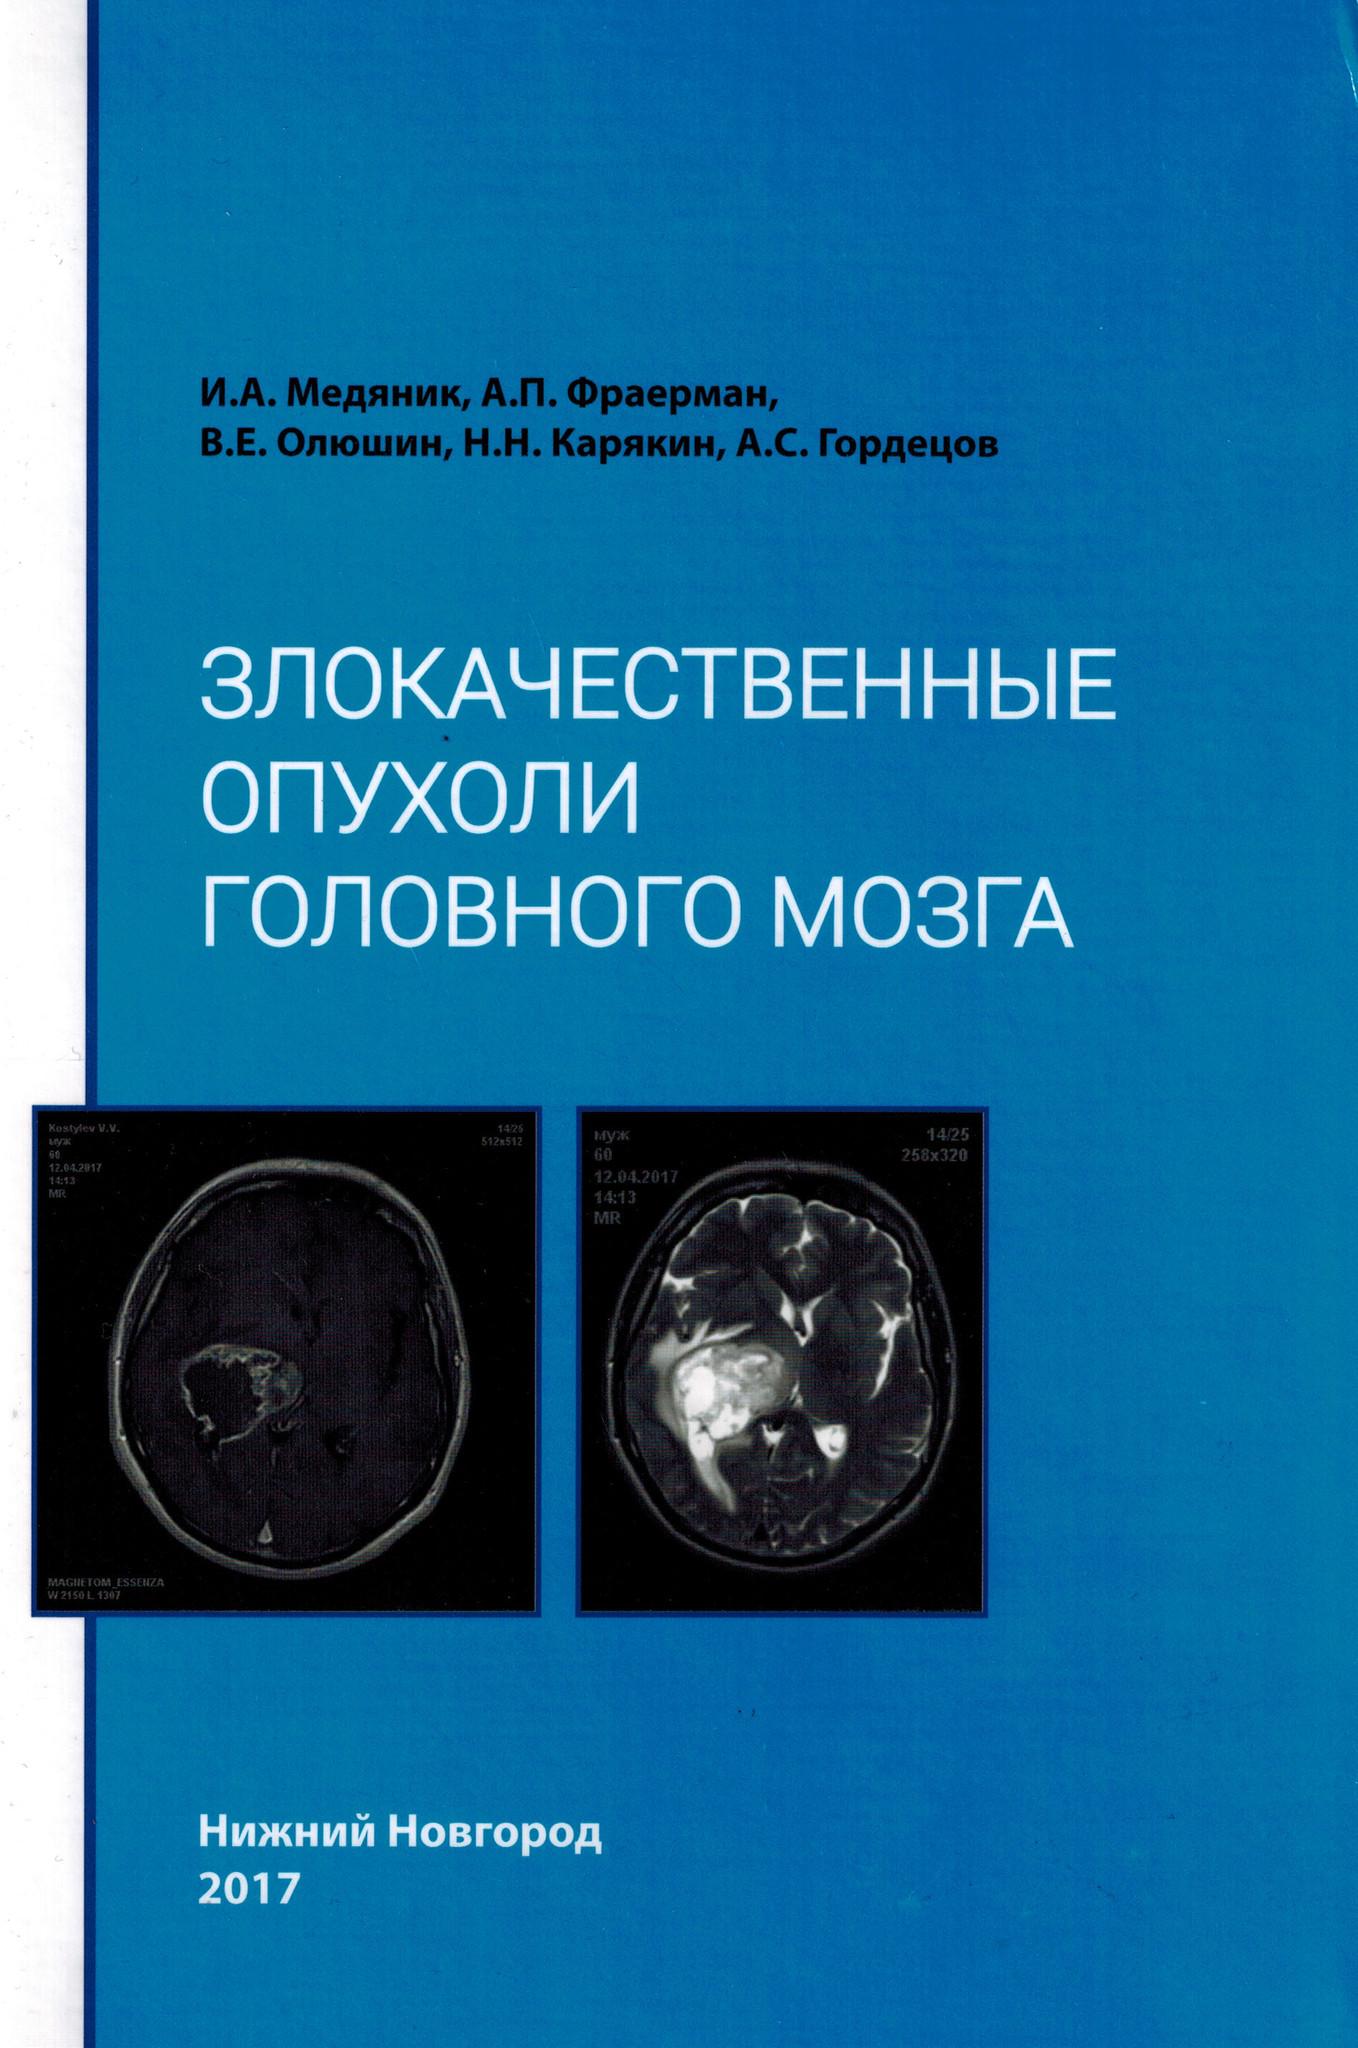 Хирургия Злокачественные опухоли головного мозга zlokachest_opux.jpg